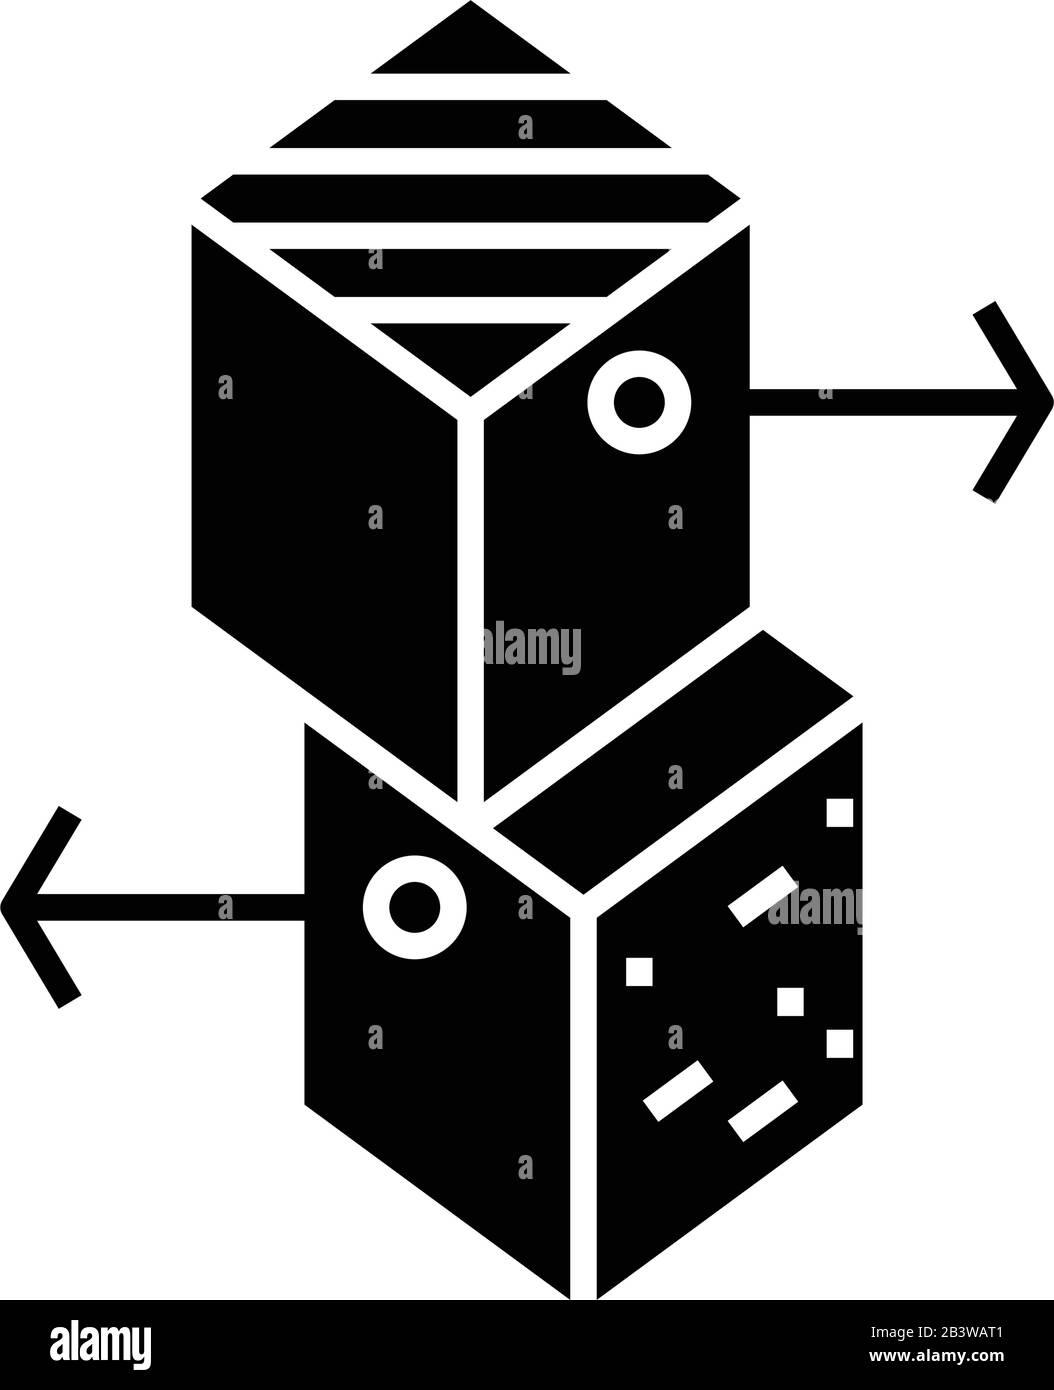 Relaciones icono negro, ilustración de concepto, símbolo de vector plano, signo de glifo. Ilustración del Vector